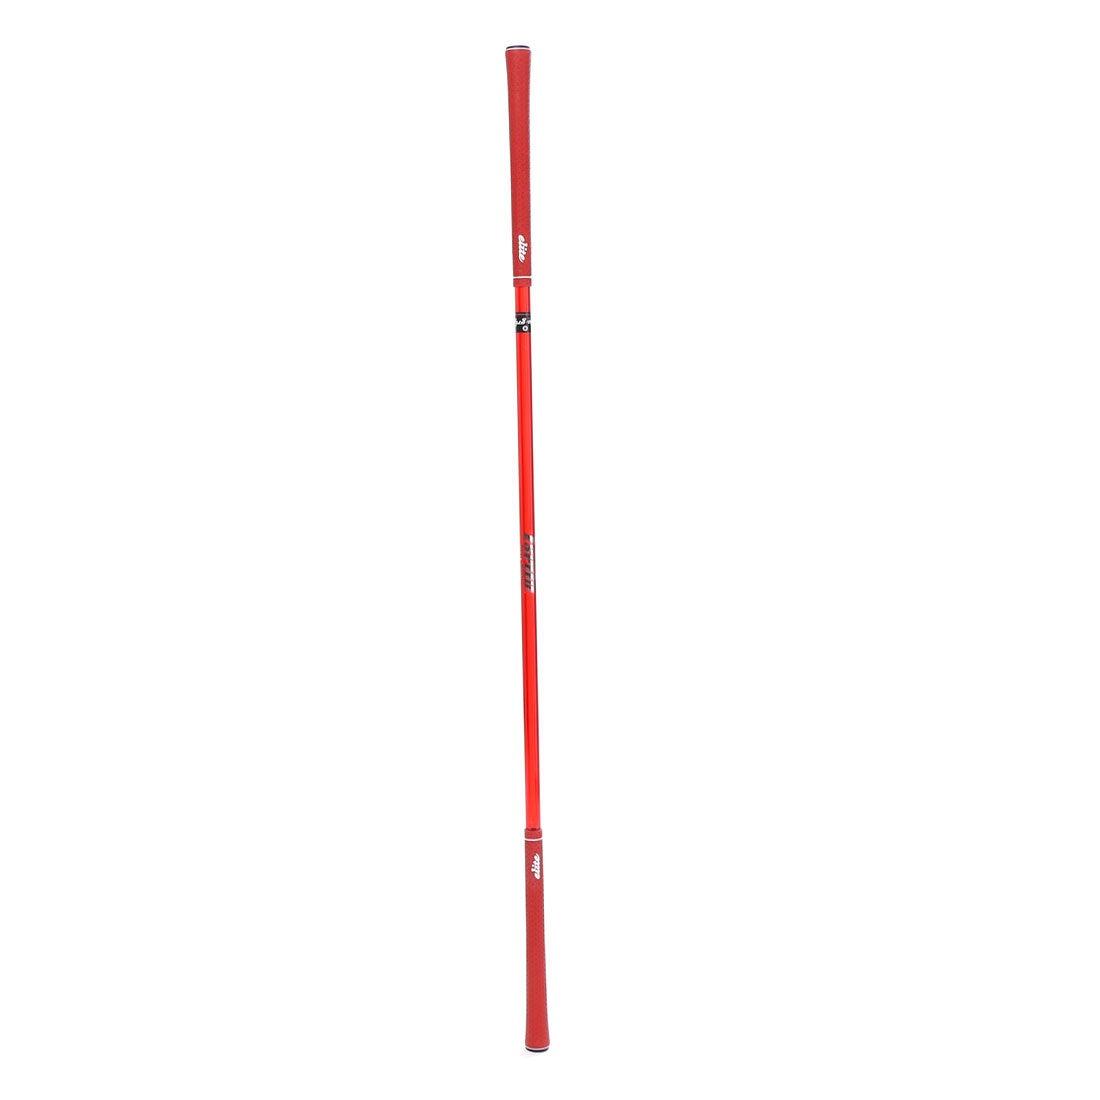 エリートグリップ elite grips ユニセックス ゴルフ スイング練習器具 heavy hetter 1SPEED レッド(RED) TT1-HHRD